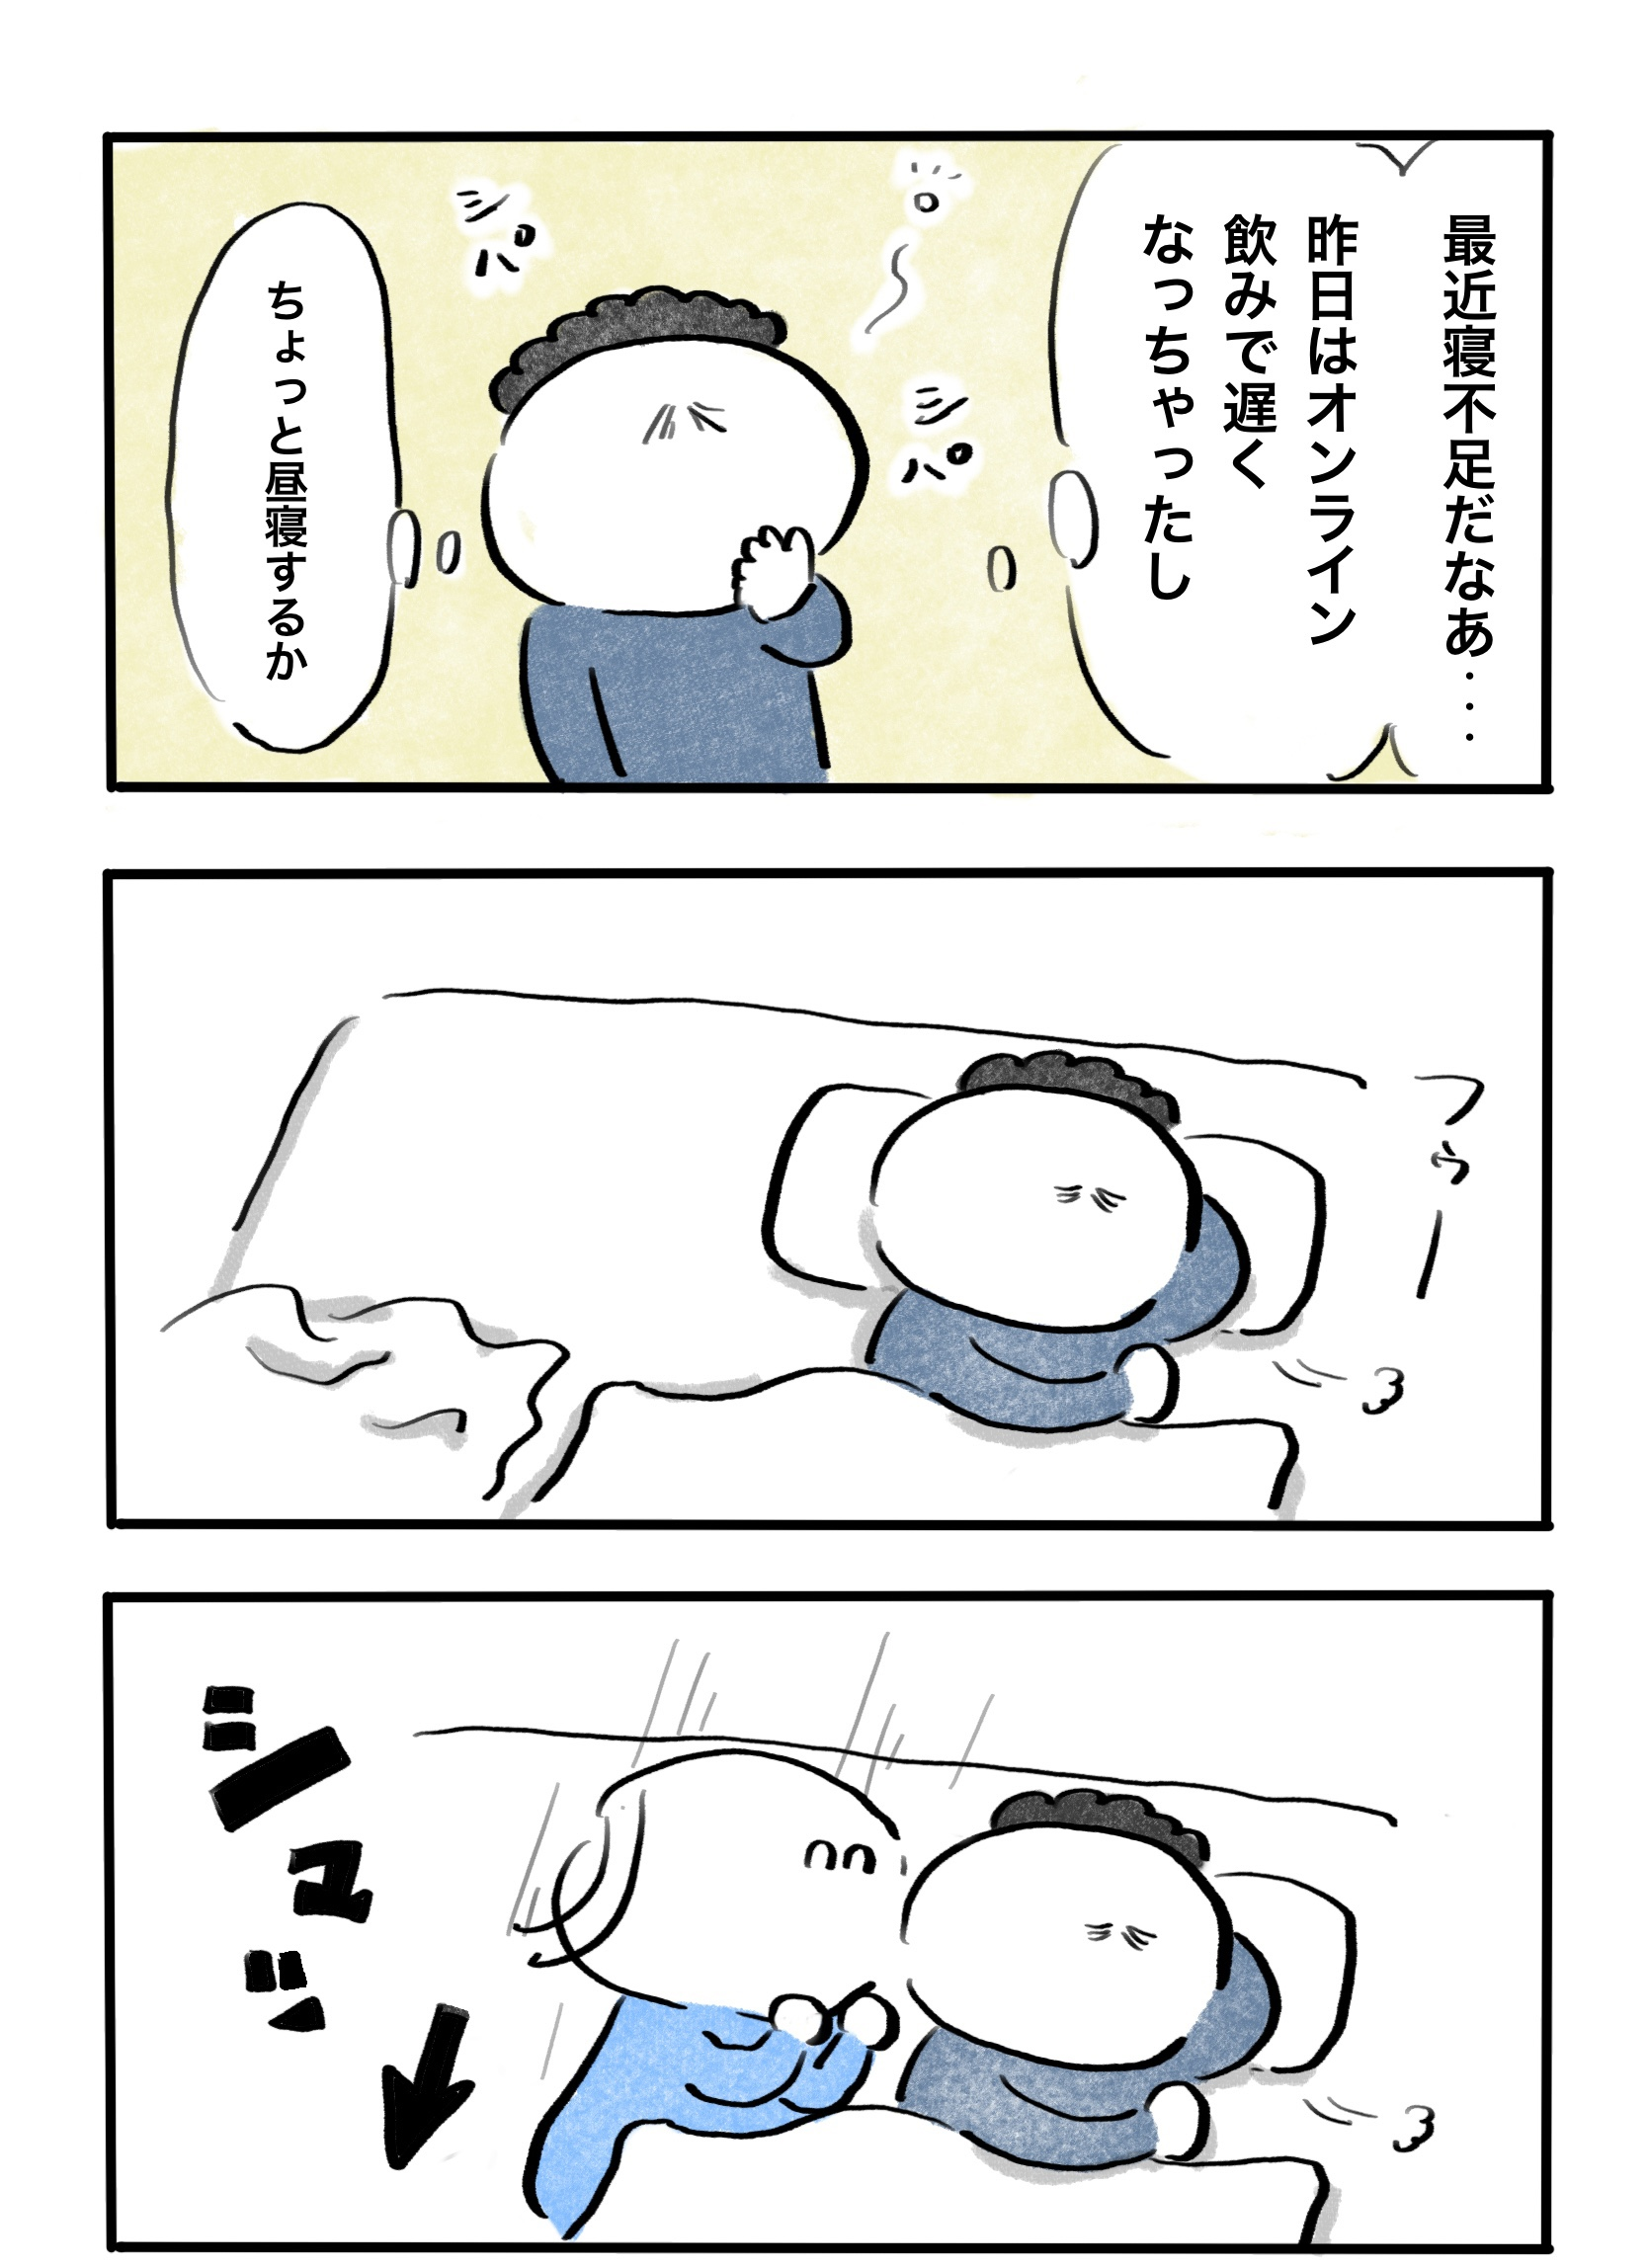 睡眠不足の夫、昼寝をしようと布団に入ると、妻が侵入してくる